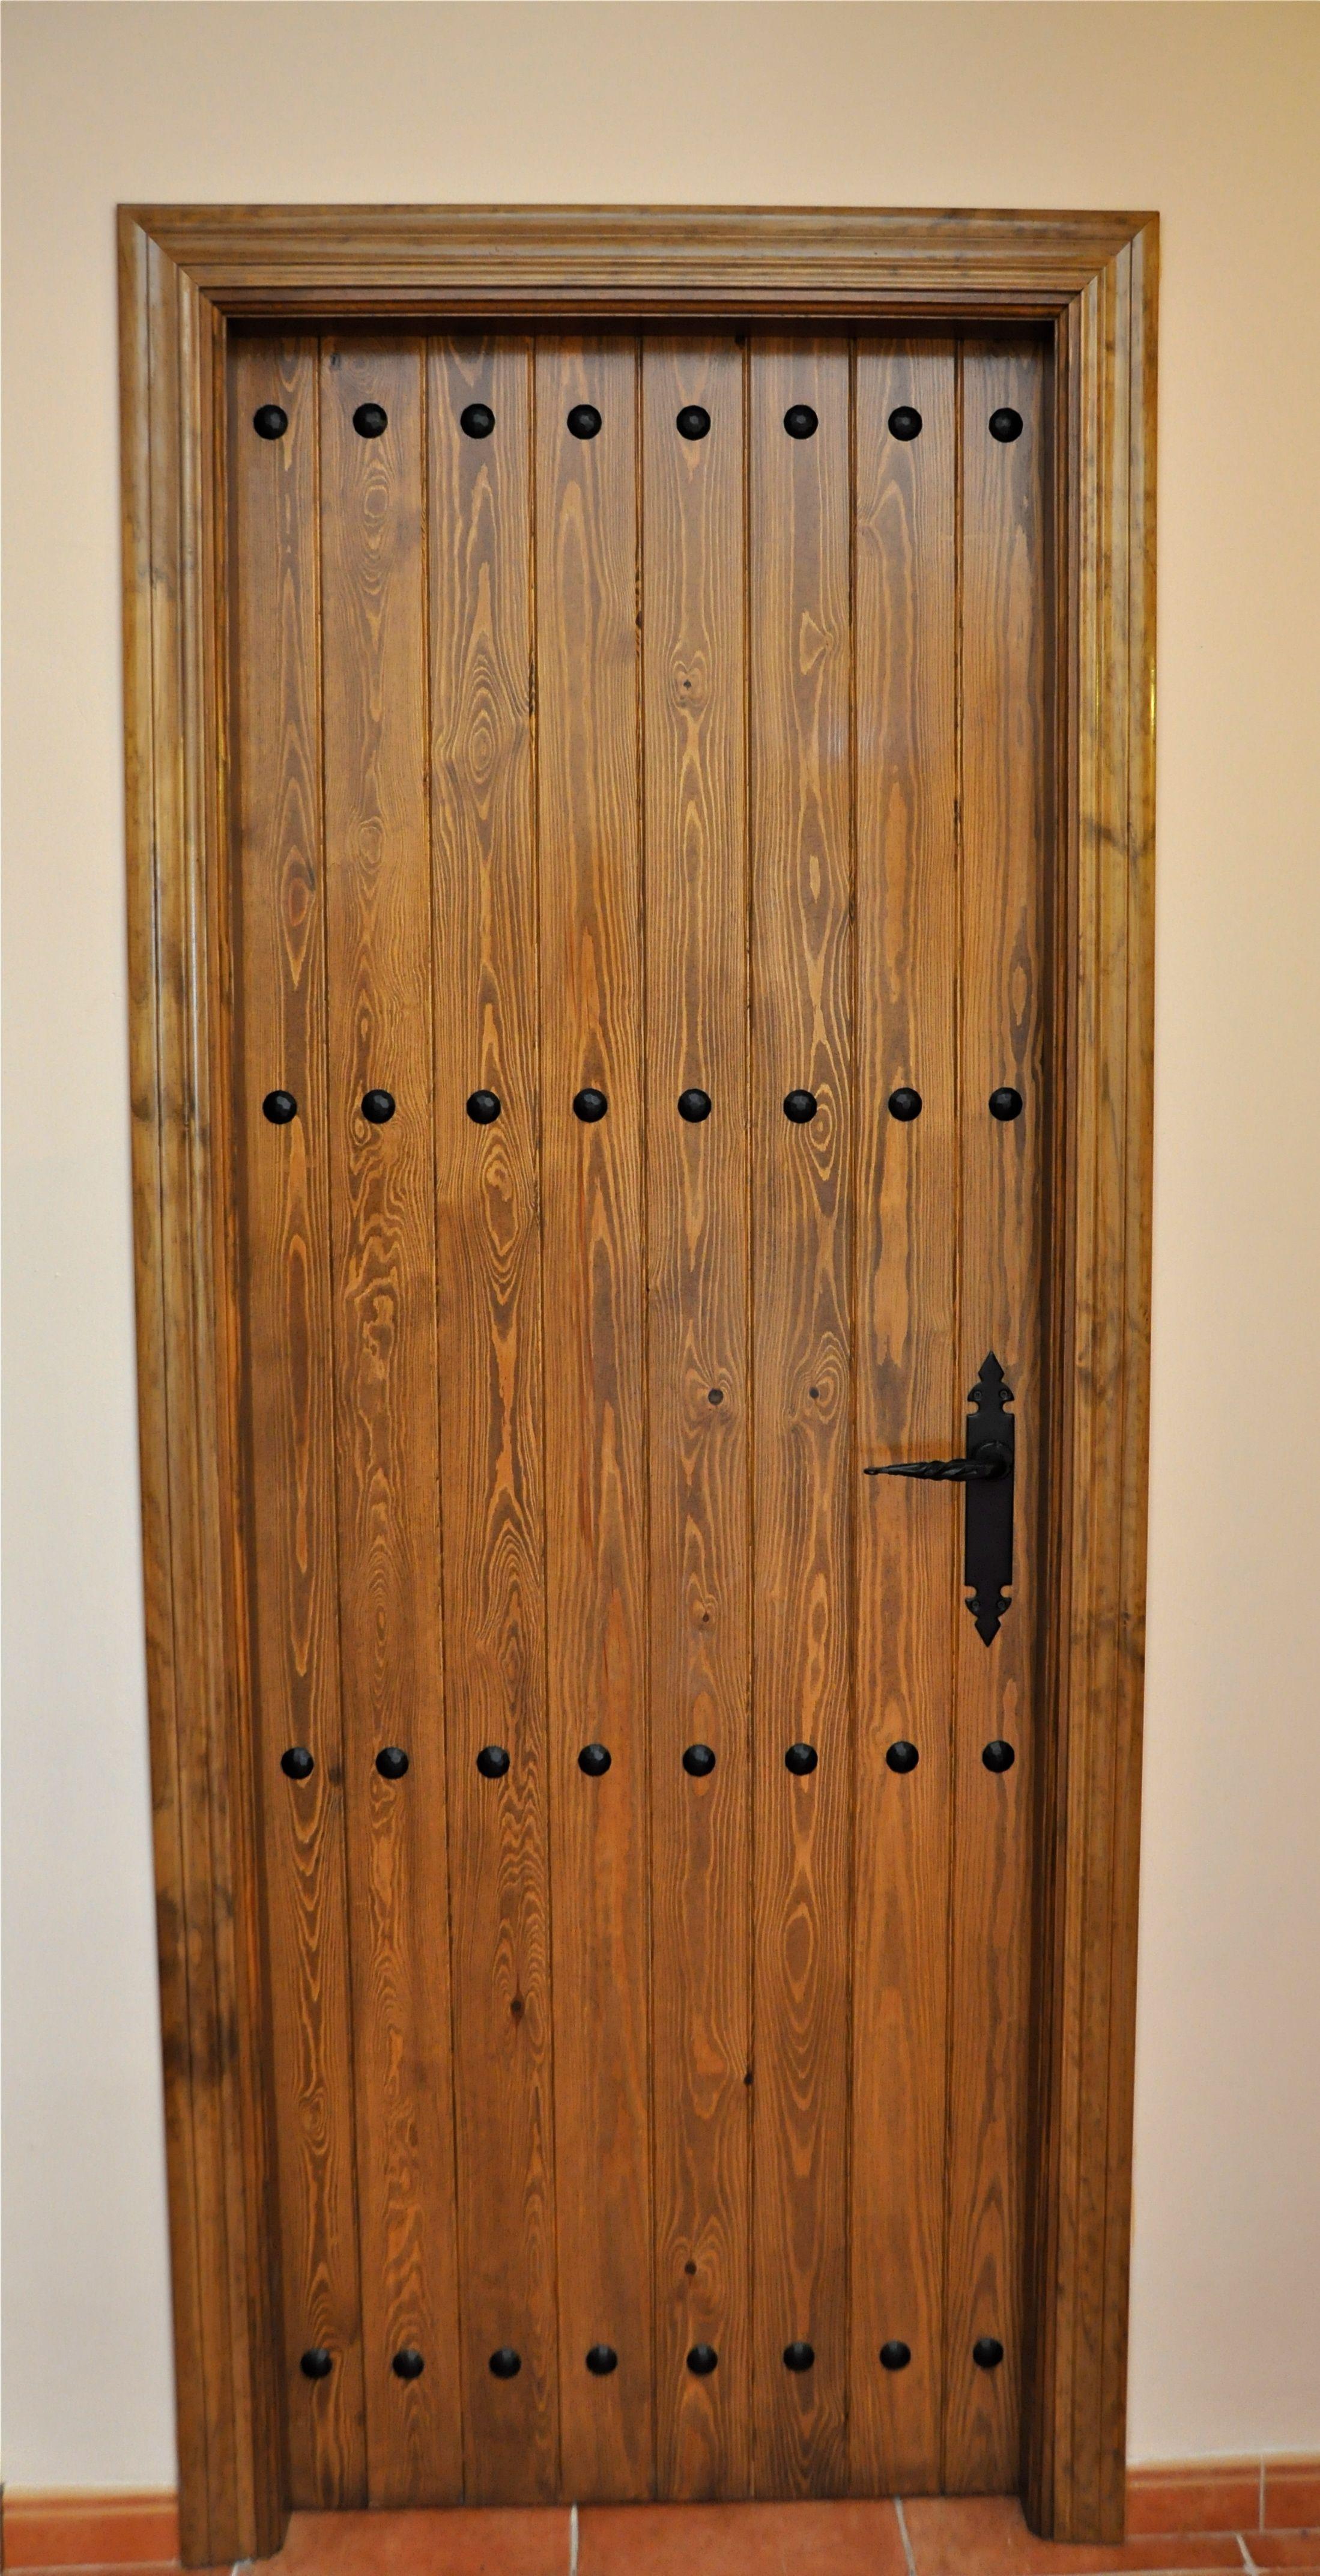 Puerta Rustica Con Clavos Gitanos Puertas De Madera Rusticas Puertas De Madera Puertas Interiores De Madera